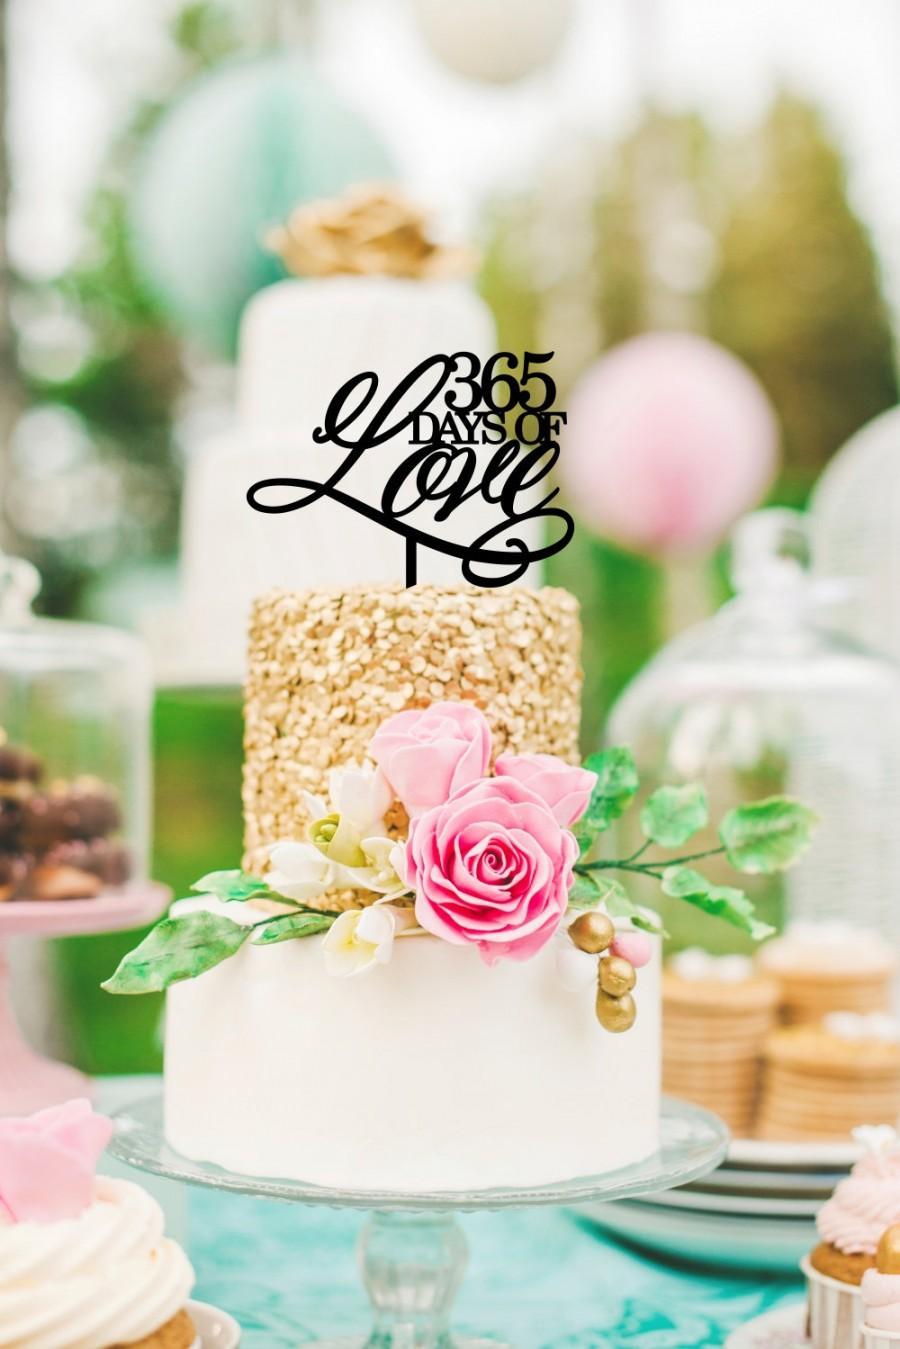 Hochzeit - Original 365 Days of Love First Anniversary Cake Topper